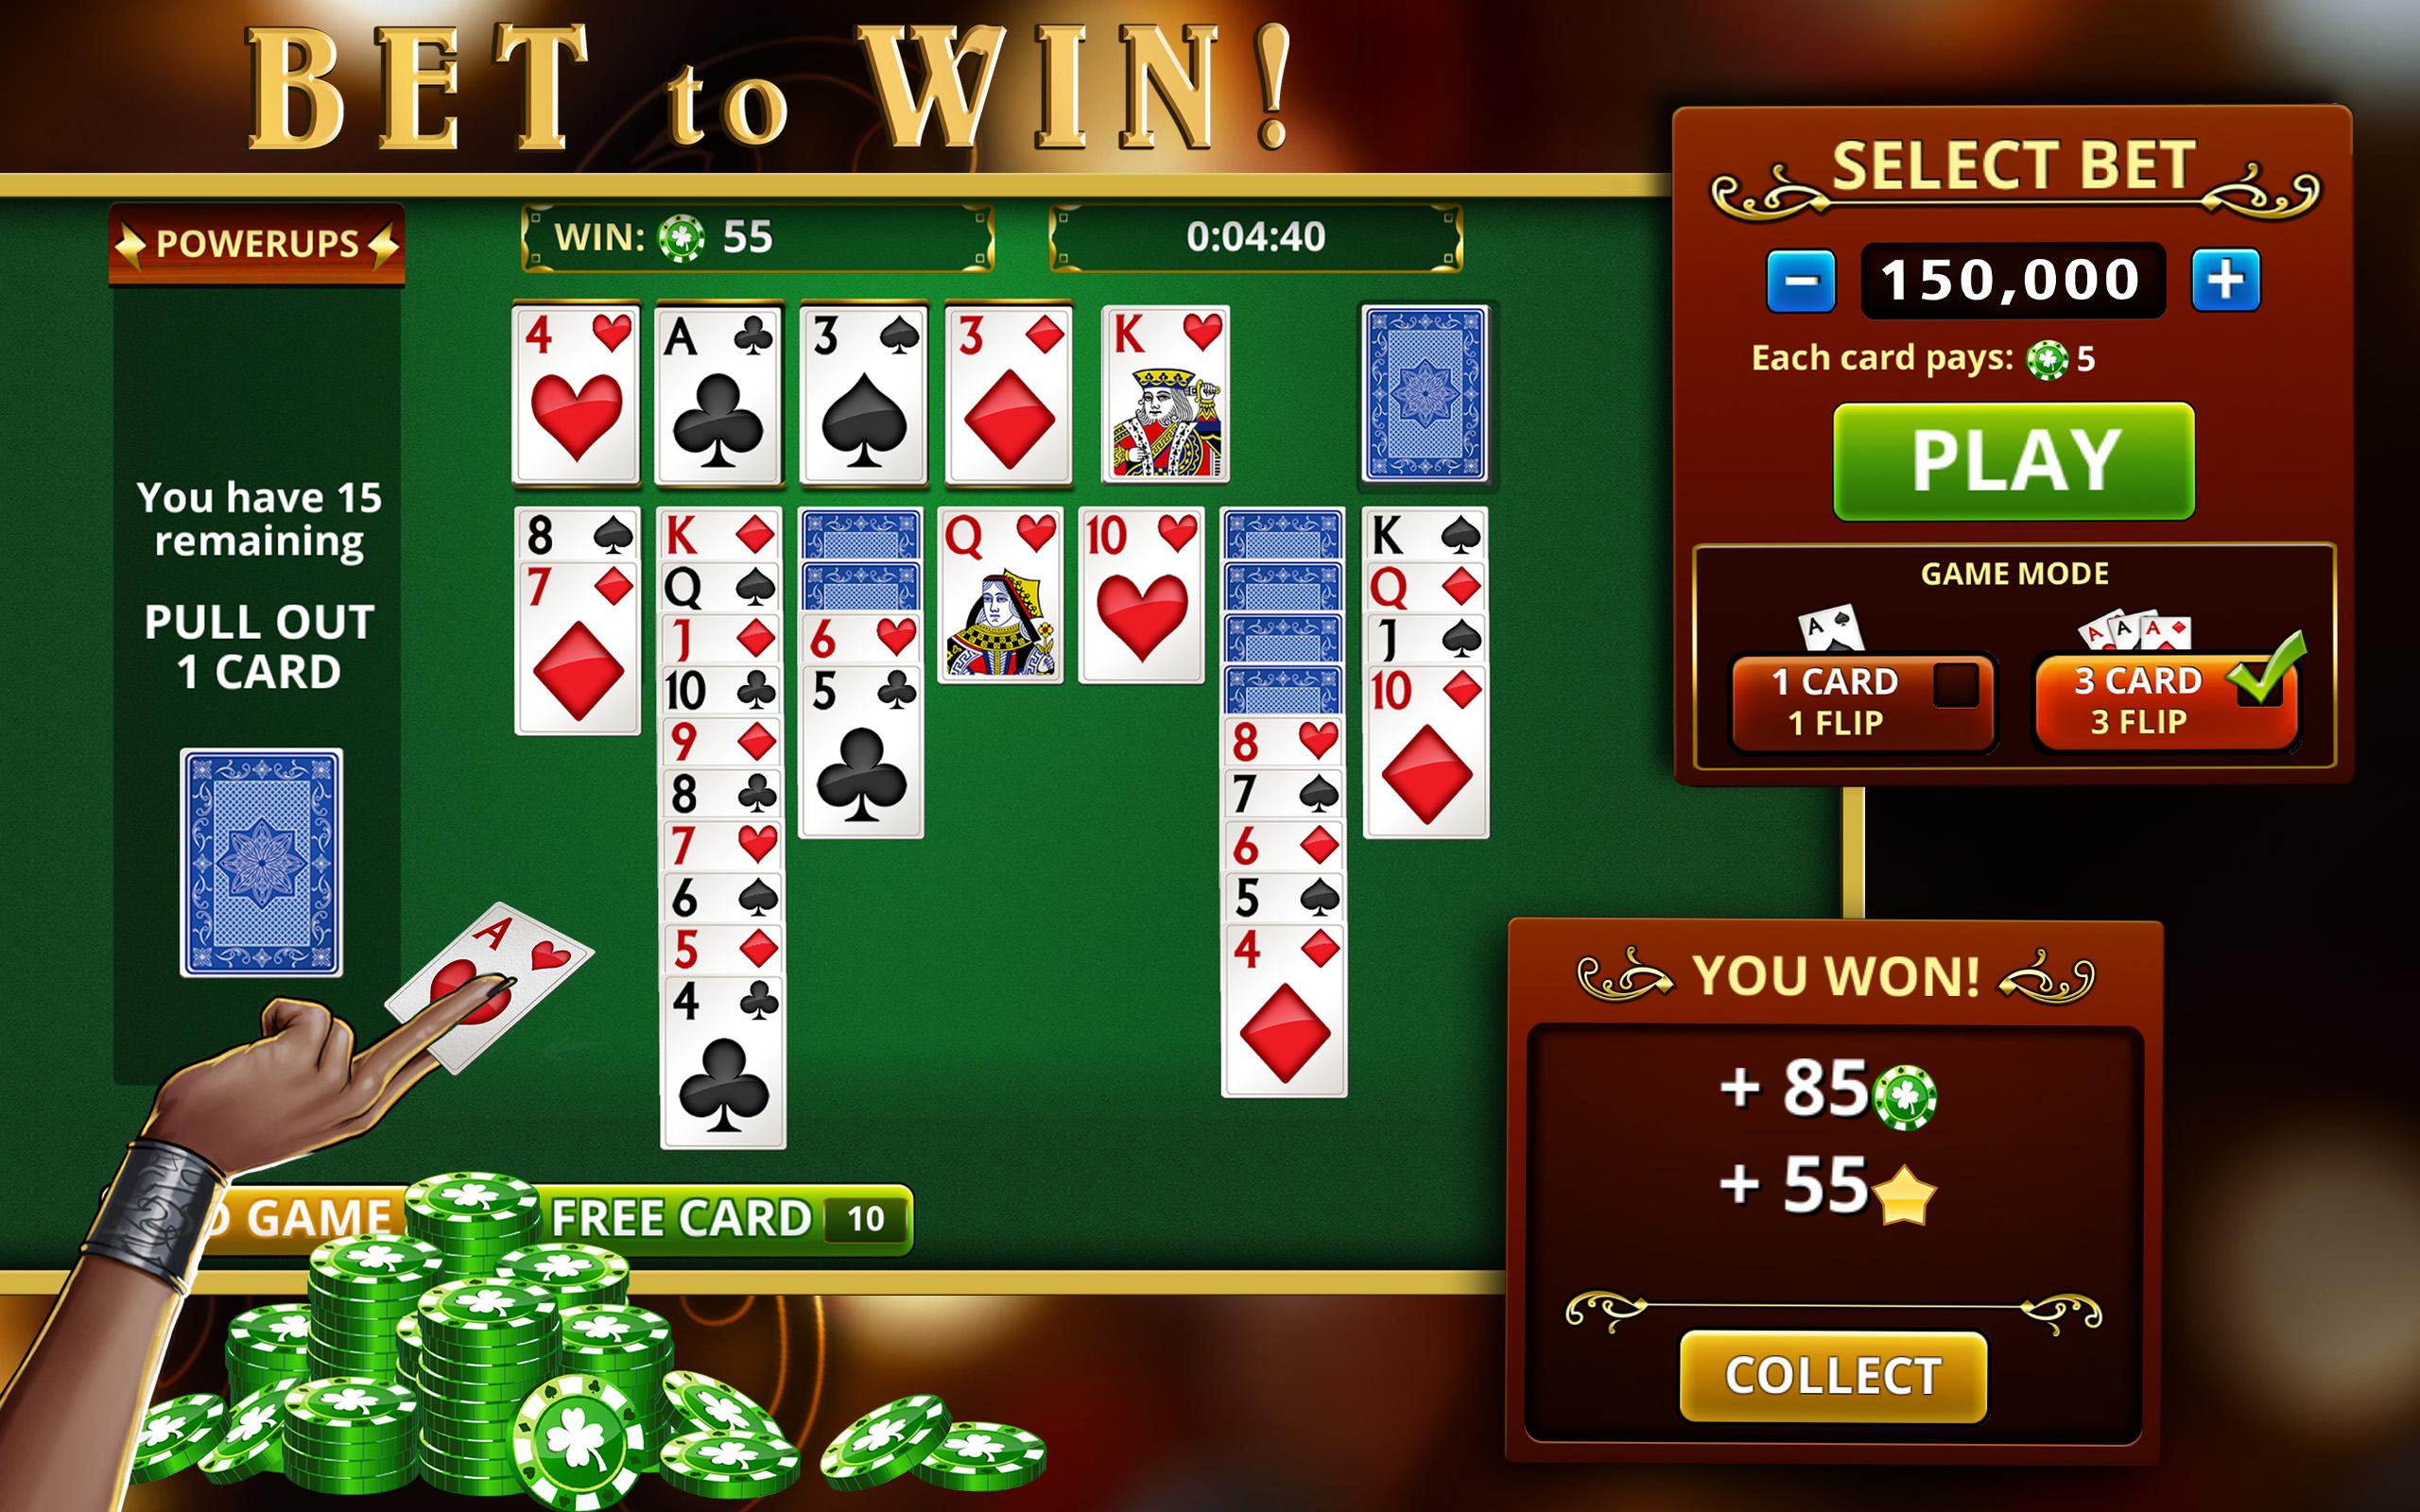 Meilleur casino en ligne fentes de jeu